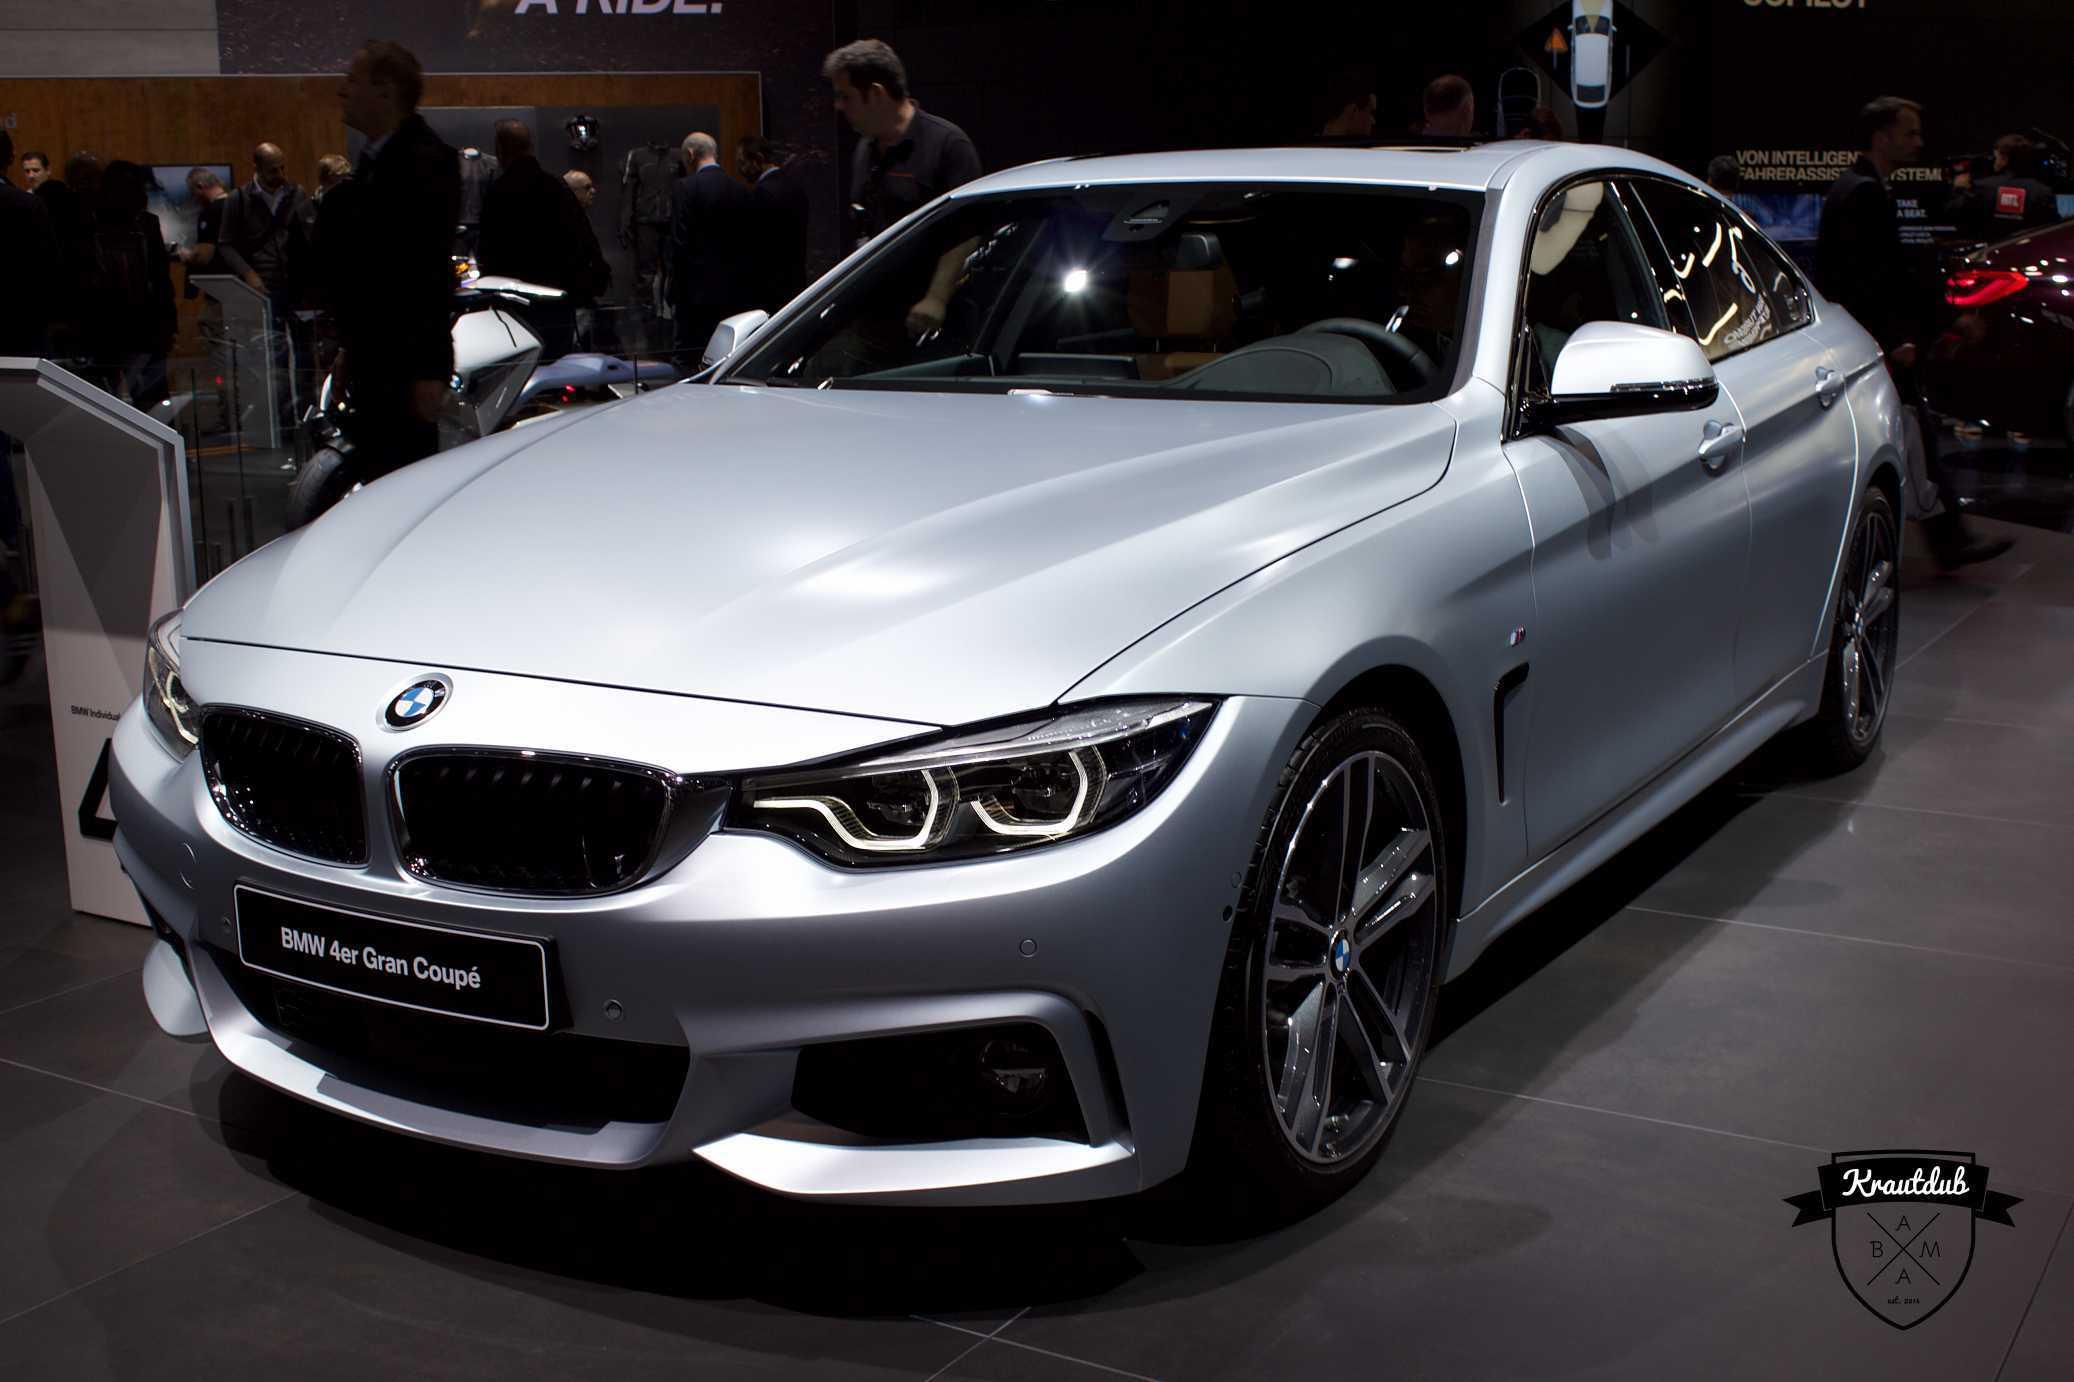 BMW 4er Gran Coupe - IAA 2017